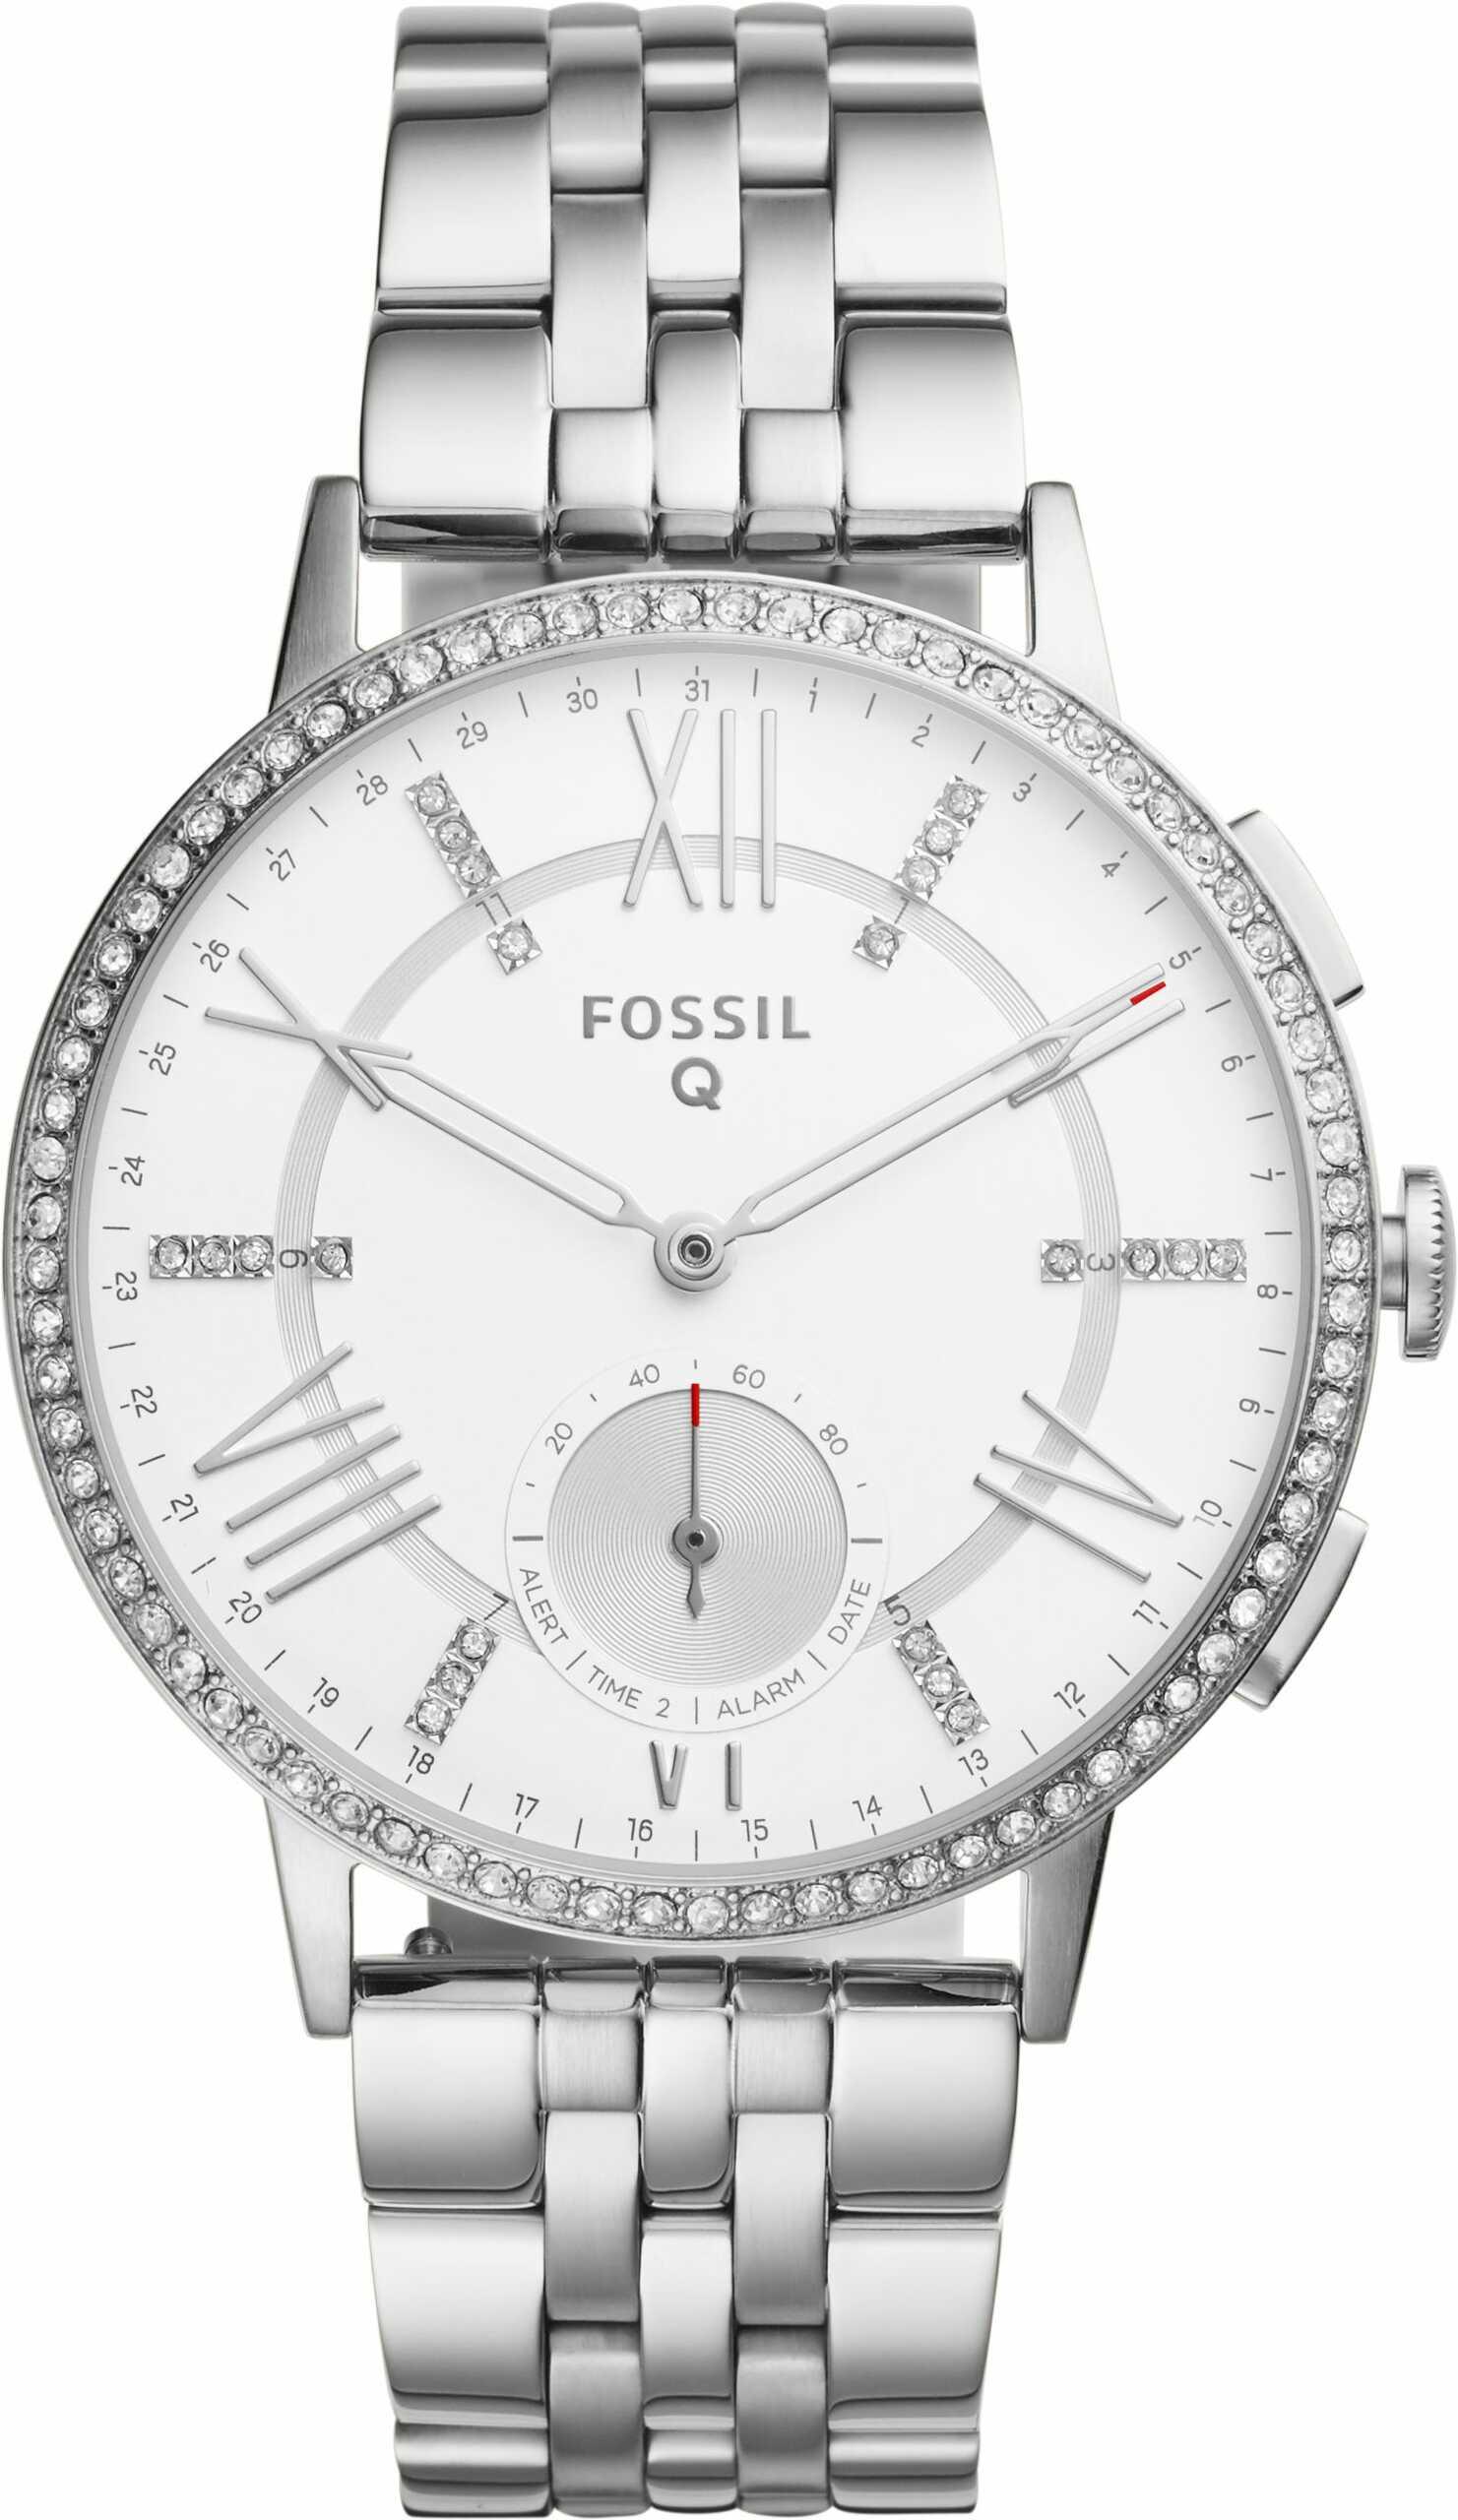 Fossil Q FTW1105 GAZER